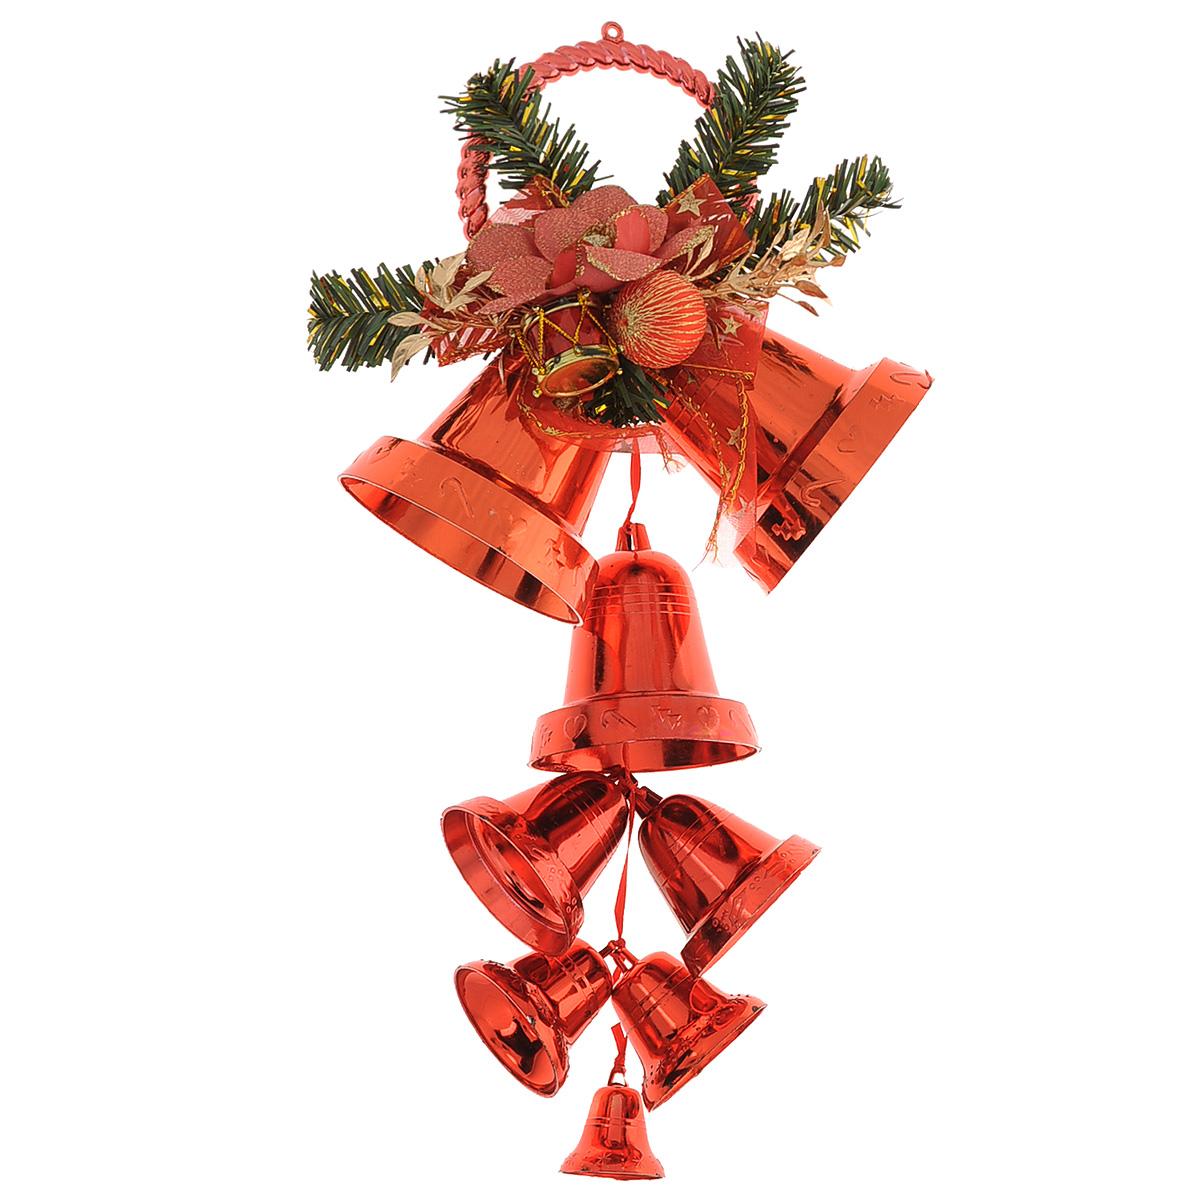 Новогоднее подвесное украшение Колокольчики, цвет: красный. 3441834881/75757Новогоднее украшение Колокольчики отлично подойдет для декорации вашего дома и новогодней ели. Игрушка выполнена в виде связки на декоративной ленте из шести пластиковых колокольчиков различных размеров. Связка украшена декоративным элементом в виде цветка с золотистым листком, ветками с ягодами и текстильным бантом с мишурой. Колокольчики украшены мишурой и золотой каймой по краю. Украшение оснащено специальной текстильной петелькой для подвешивания. Елочная игрушка - символ Нового года. Она несет в себе волшебство и красоту праздника. Создайте в своем доме атмосферу веселья и радости, украшая всей семьей новогоднюю елку нарядными игрушками, которые будут из года в год накапливать теплоту воспоминаний.